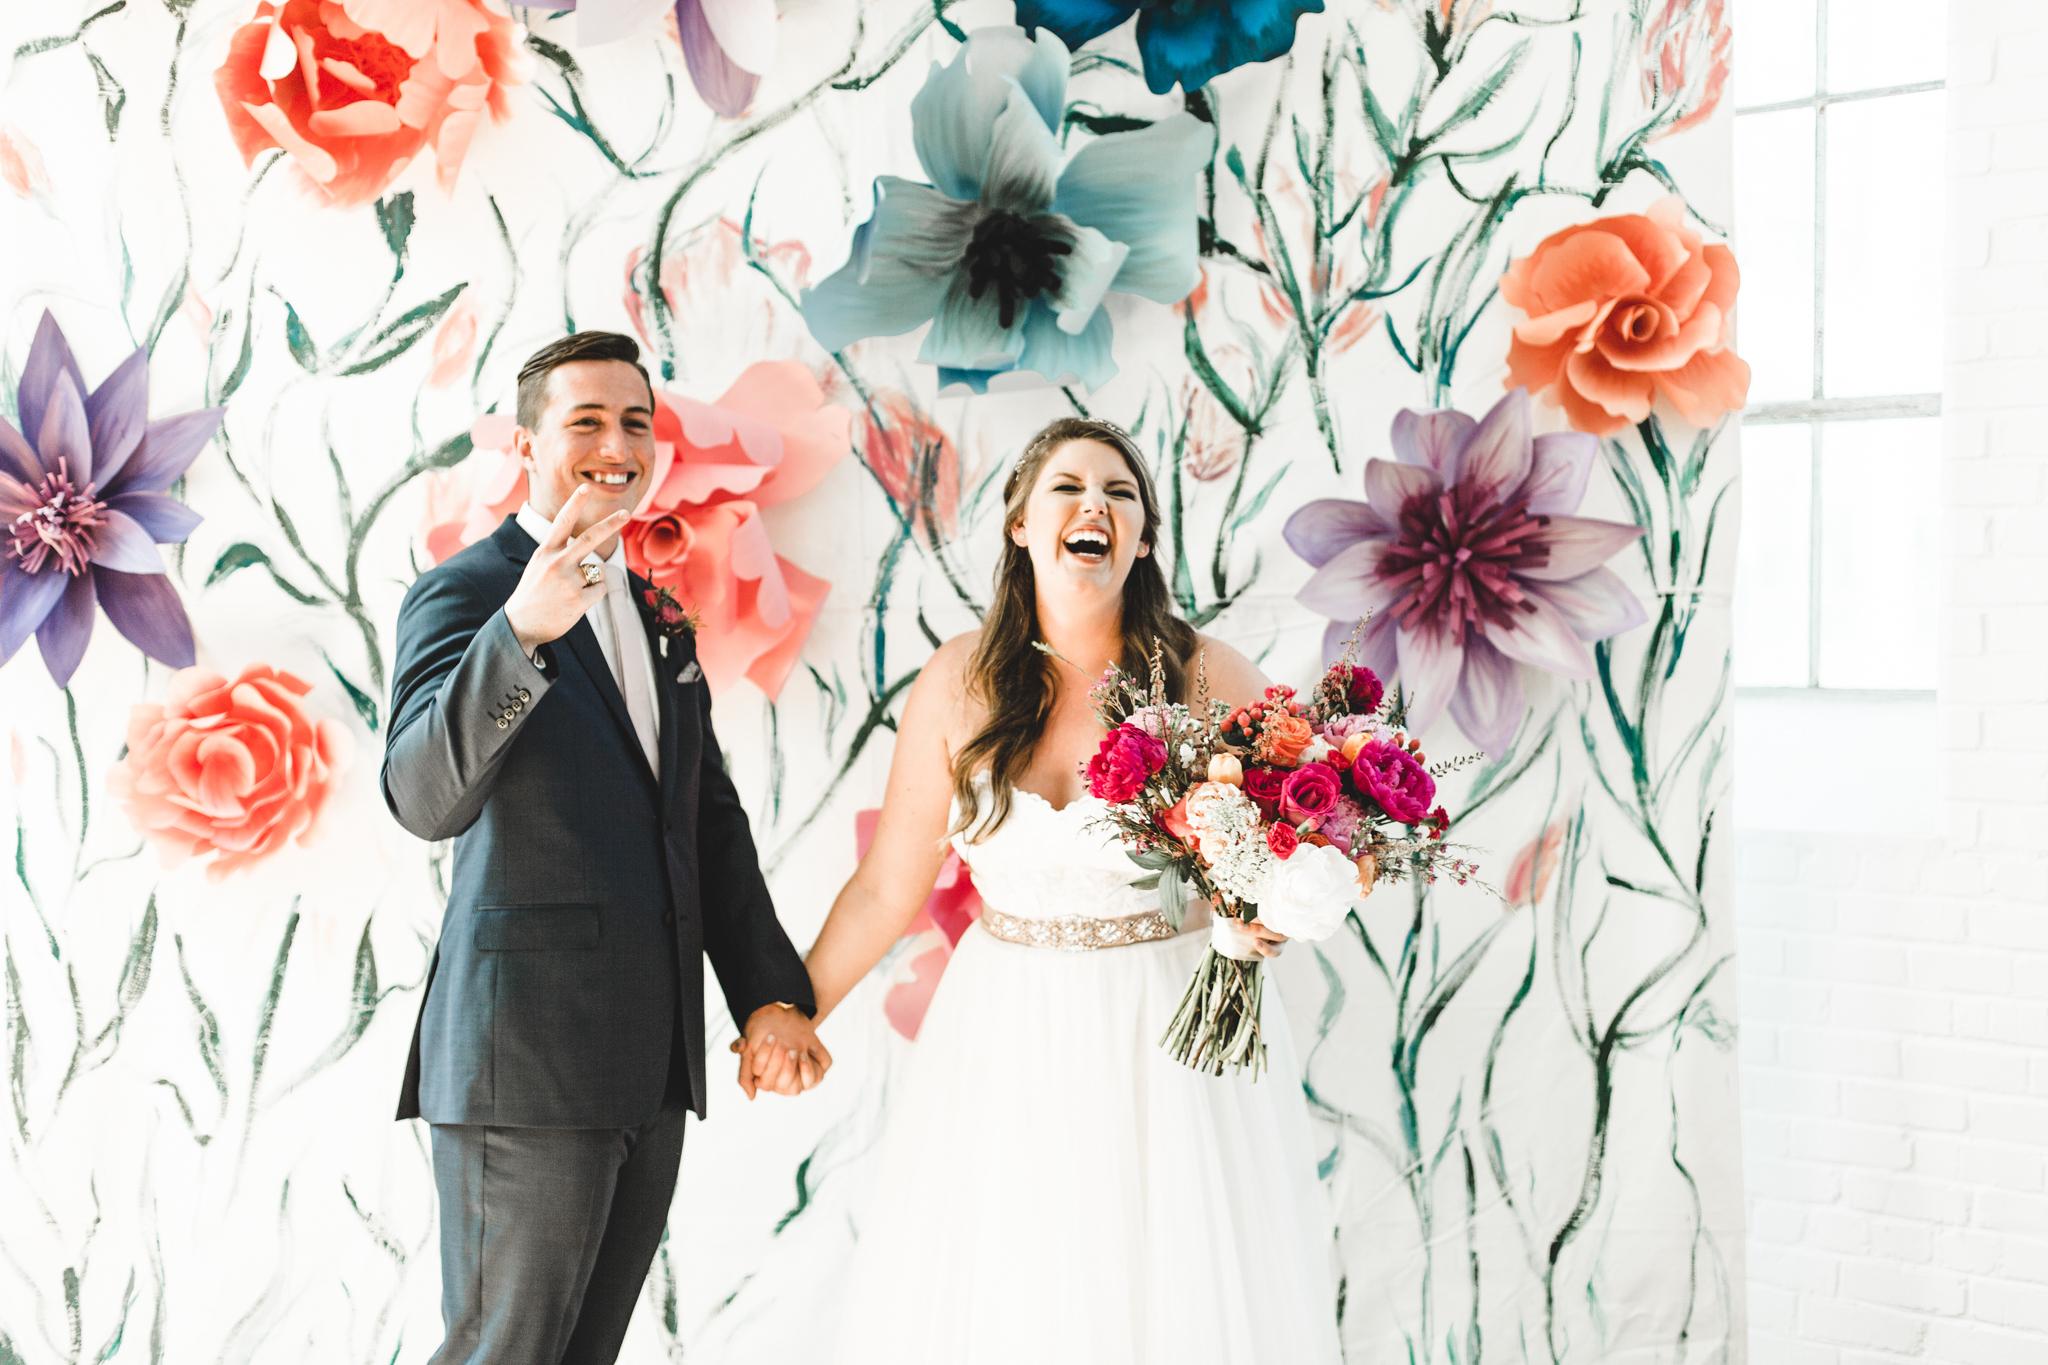 CLay + Morgan - Greenville, SC Wedding